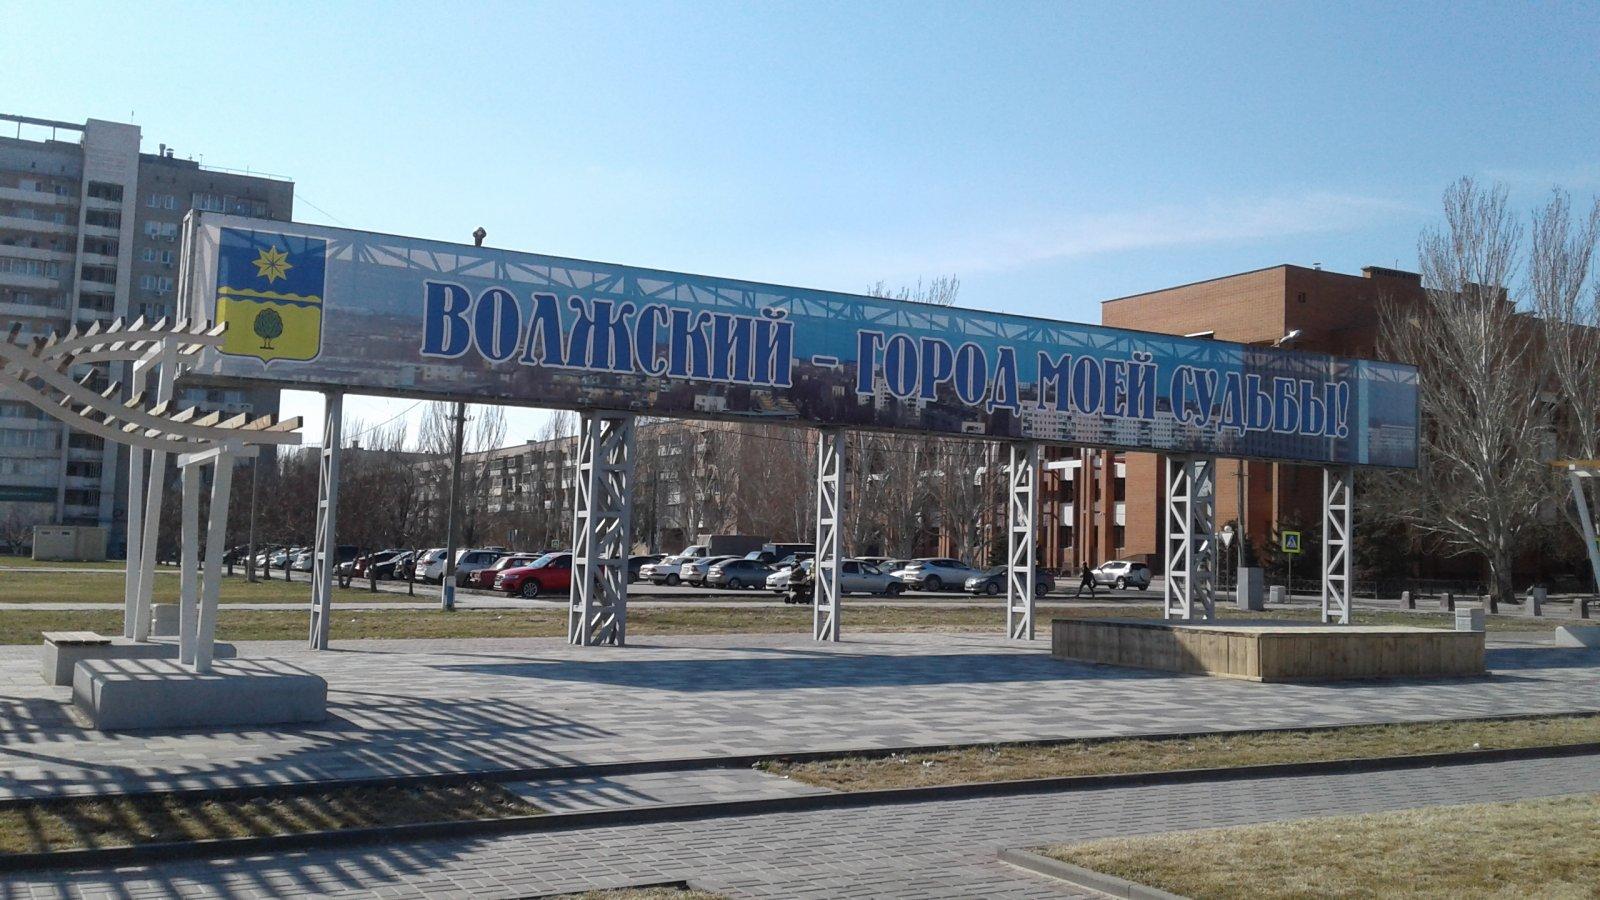 картинки города волжского волгоградской области десне